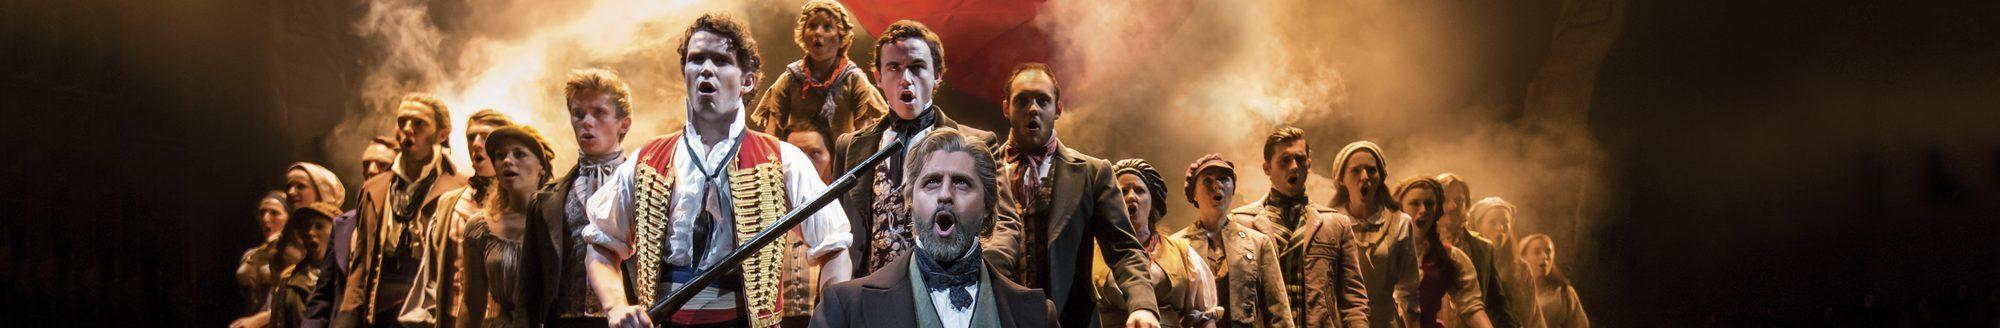 Les Misérables - The Musical